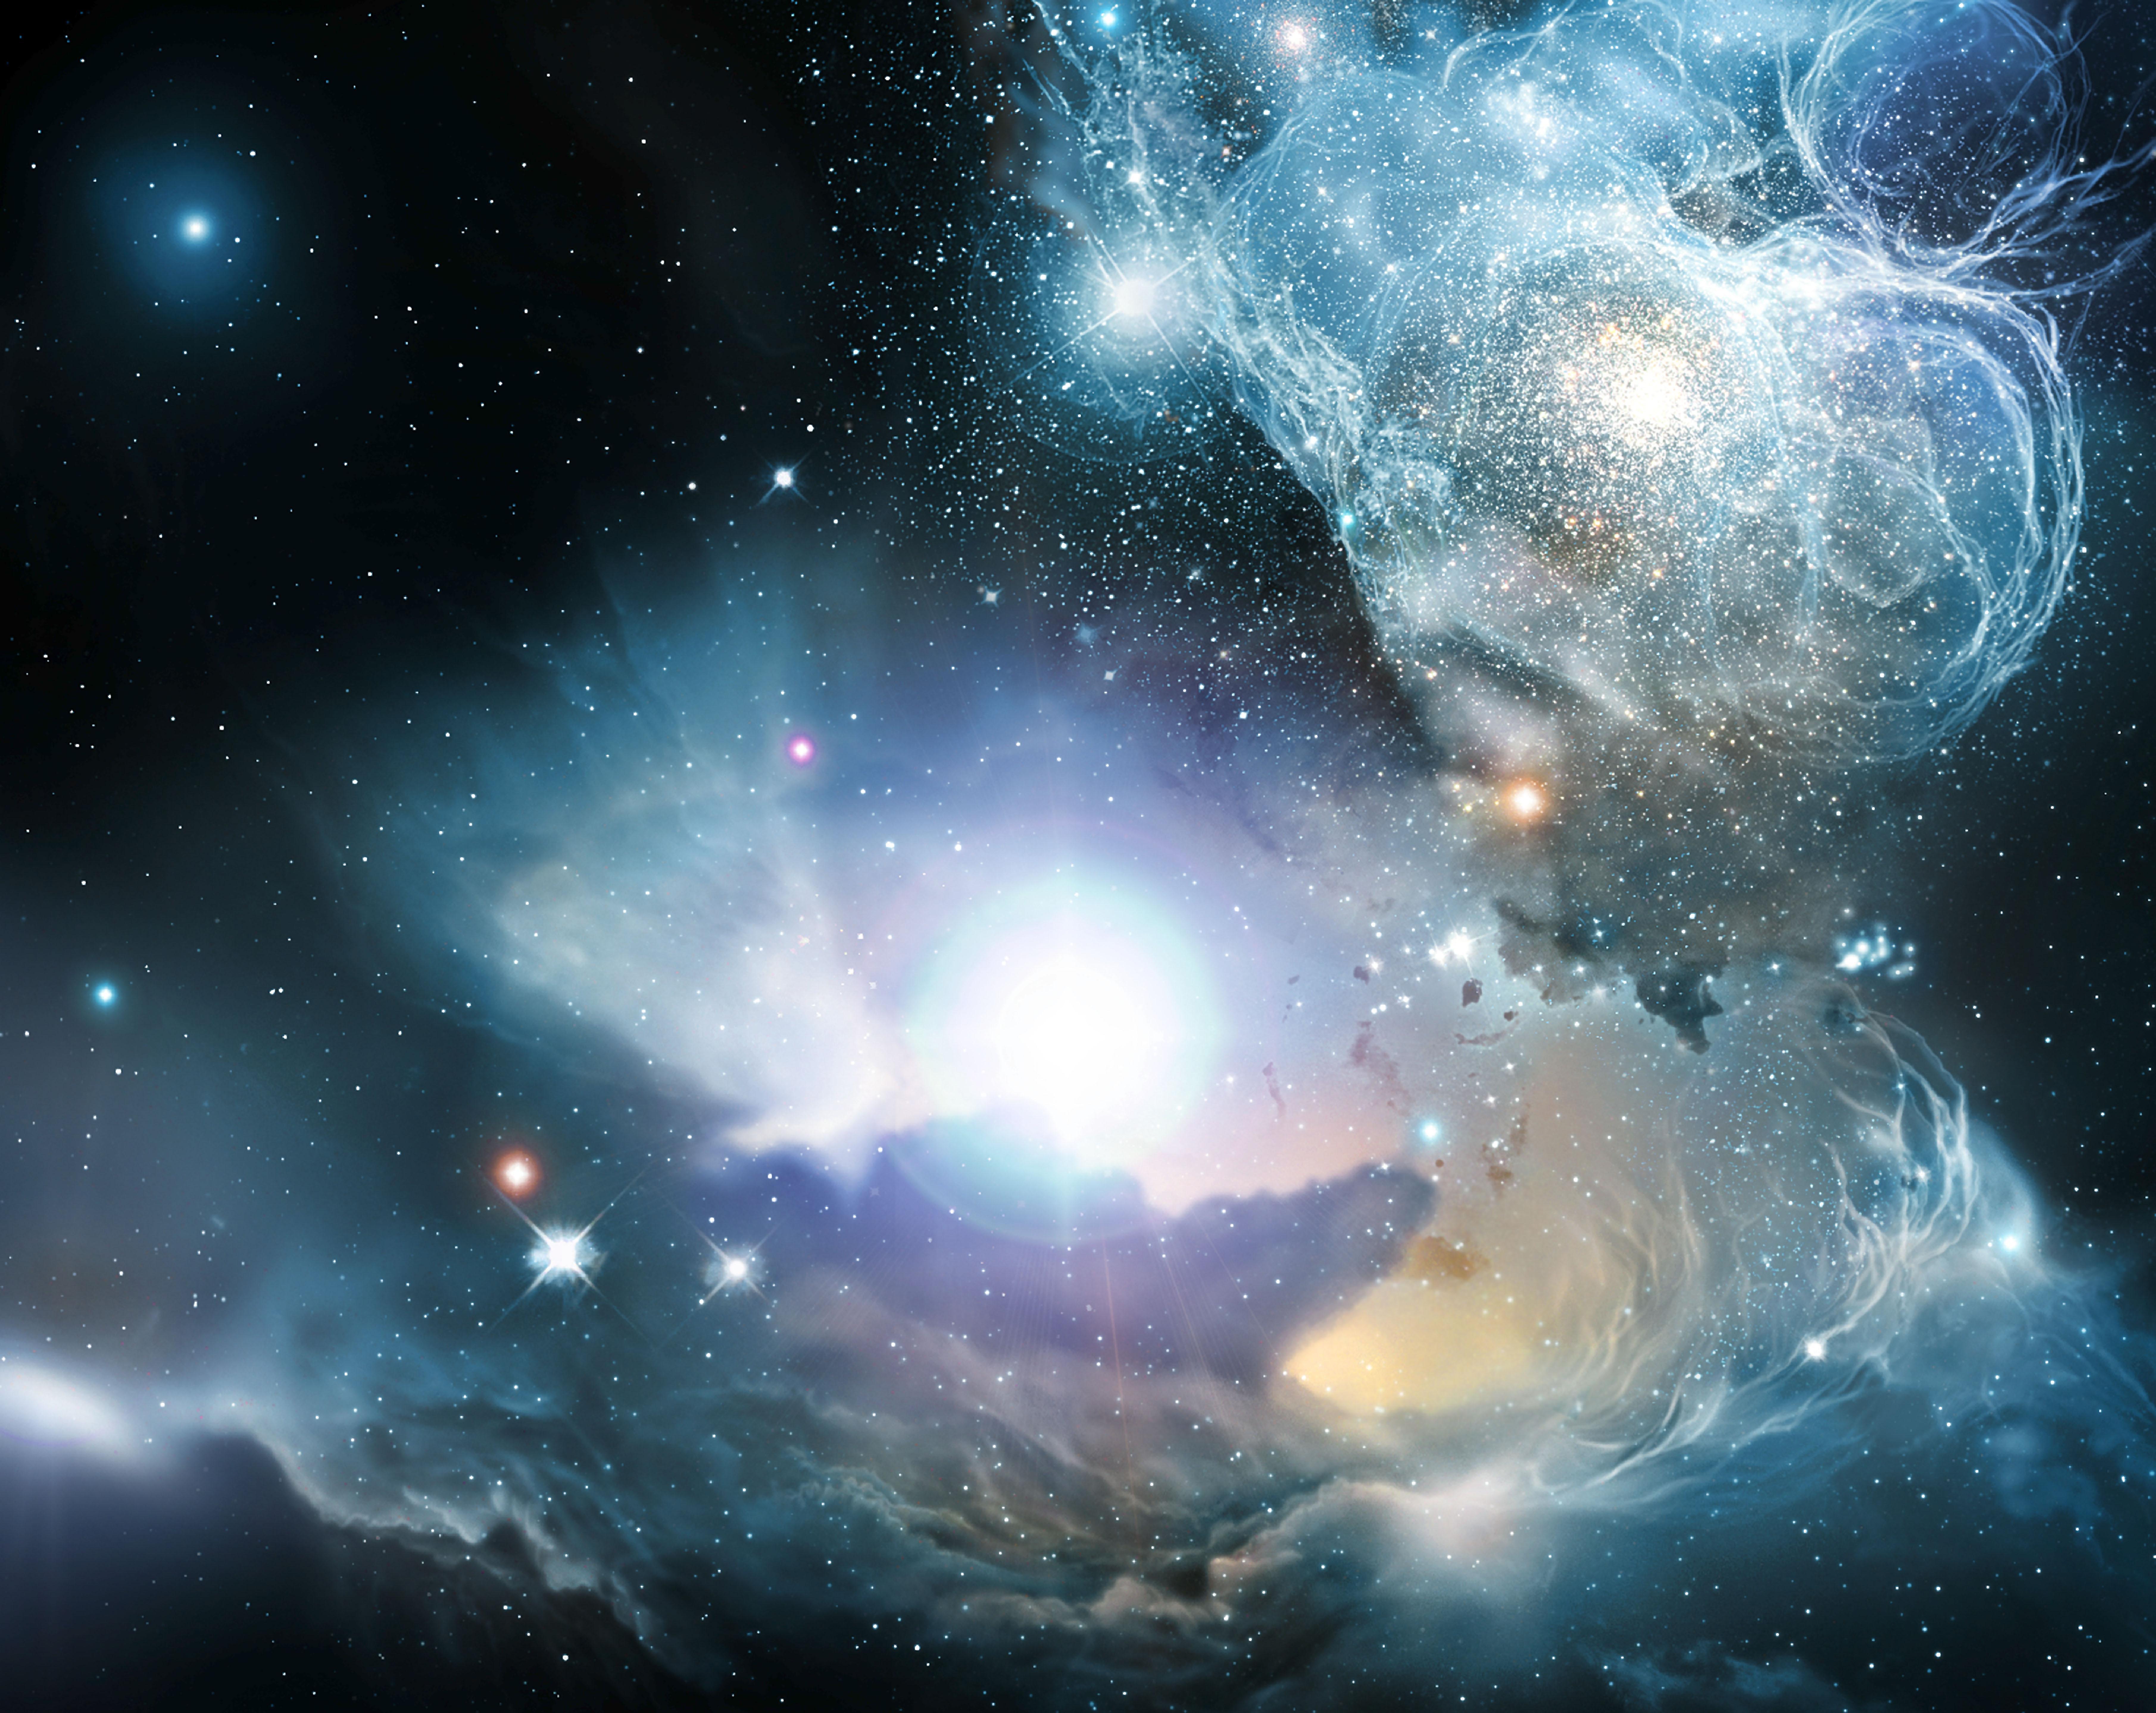 Tapahtuma peruttu: Ursan kuukauden esitelmä: Alkuräjähdyksestä nykyisyyteen